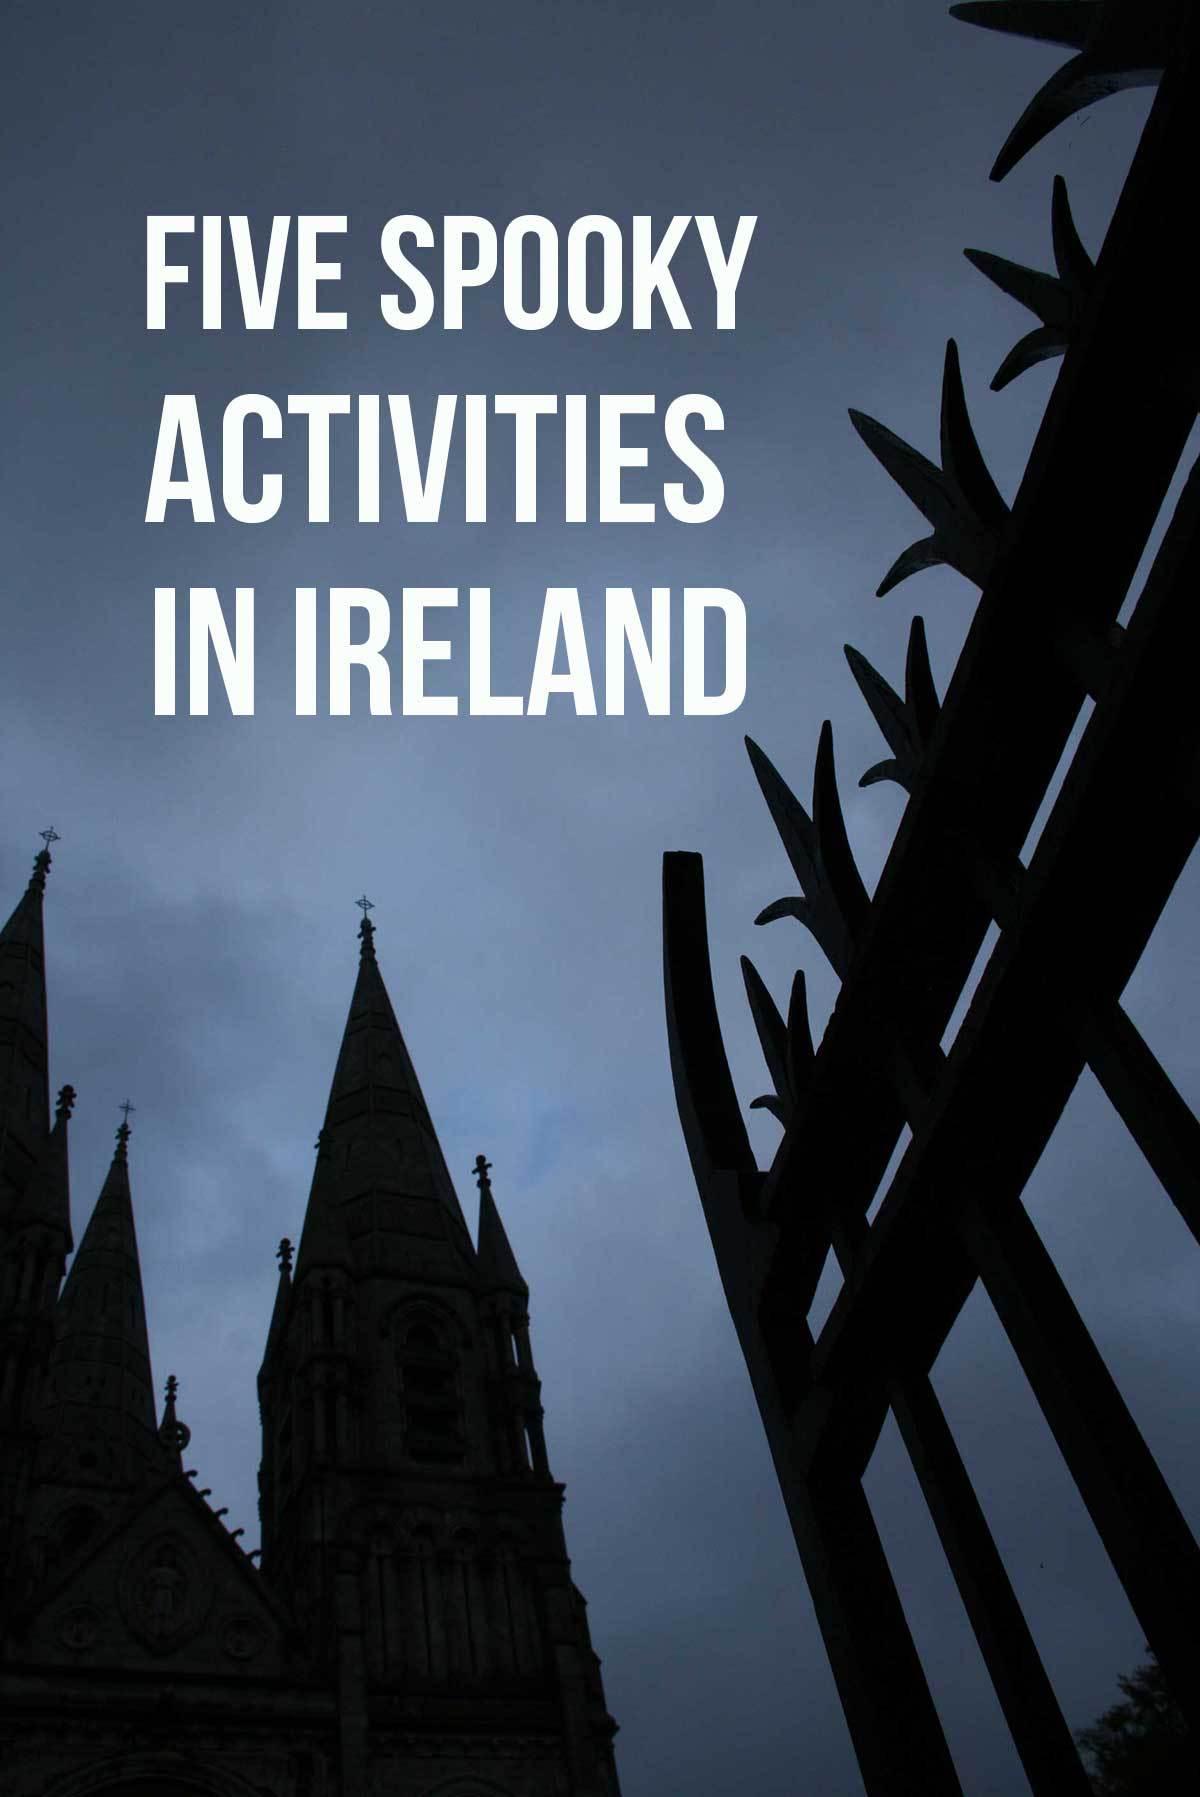 Five Spooky Activities in Ireland